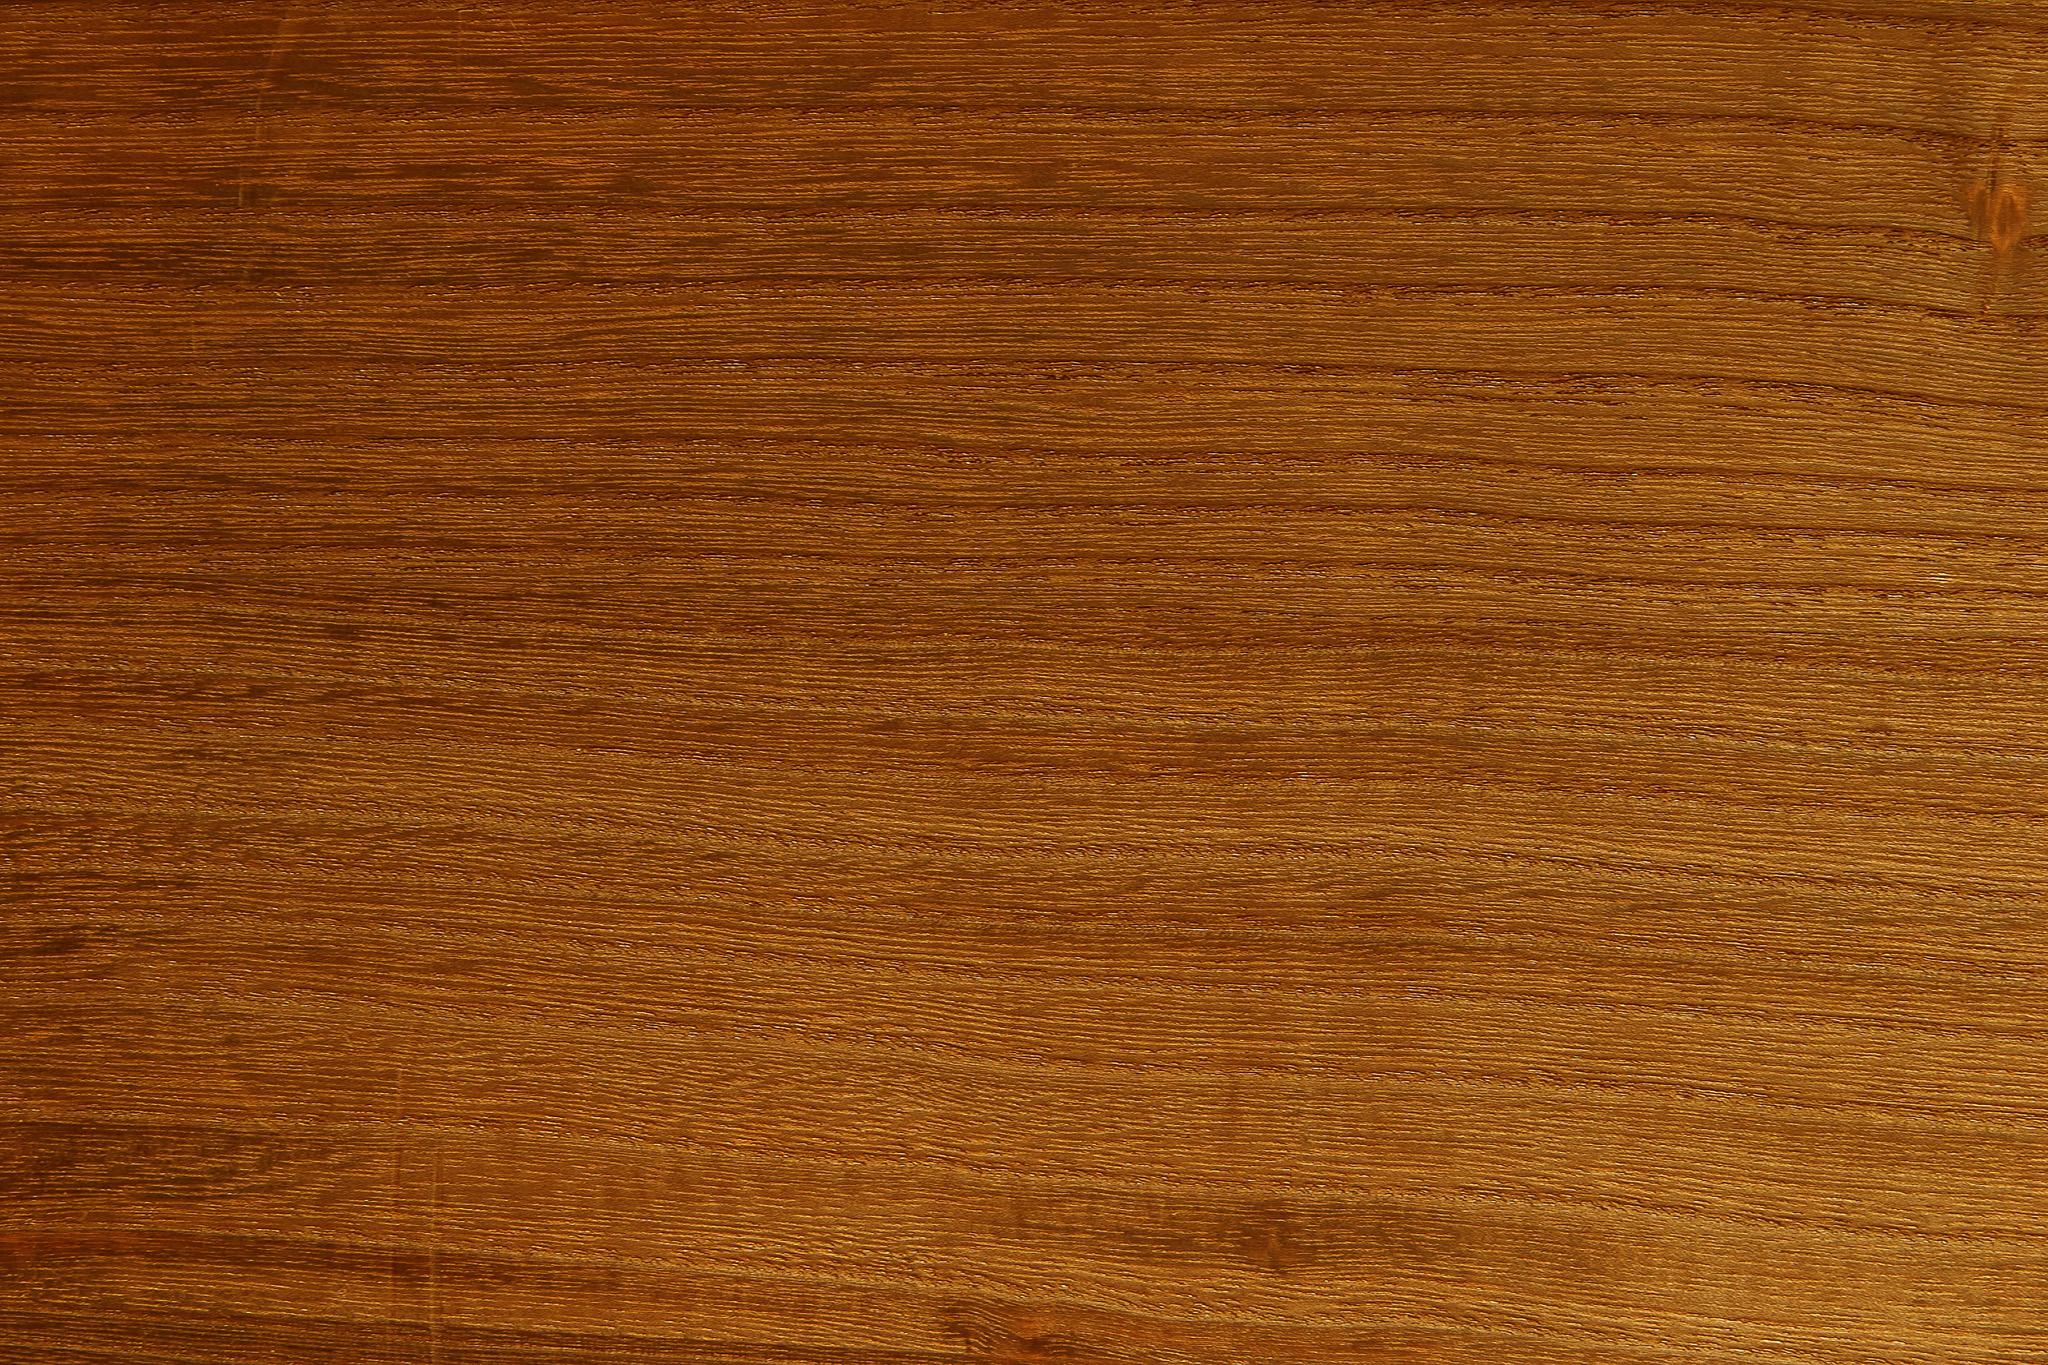 「茶色い木の木目テクスチャ」